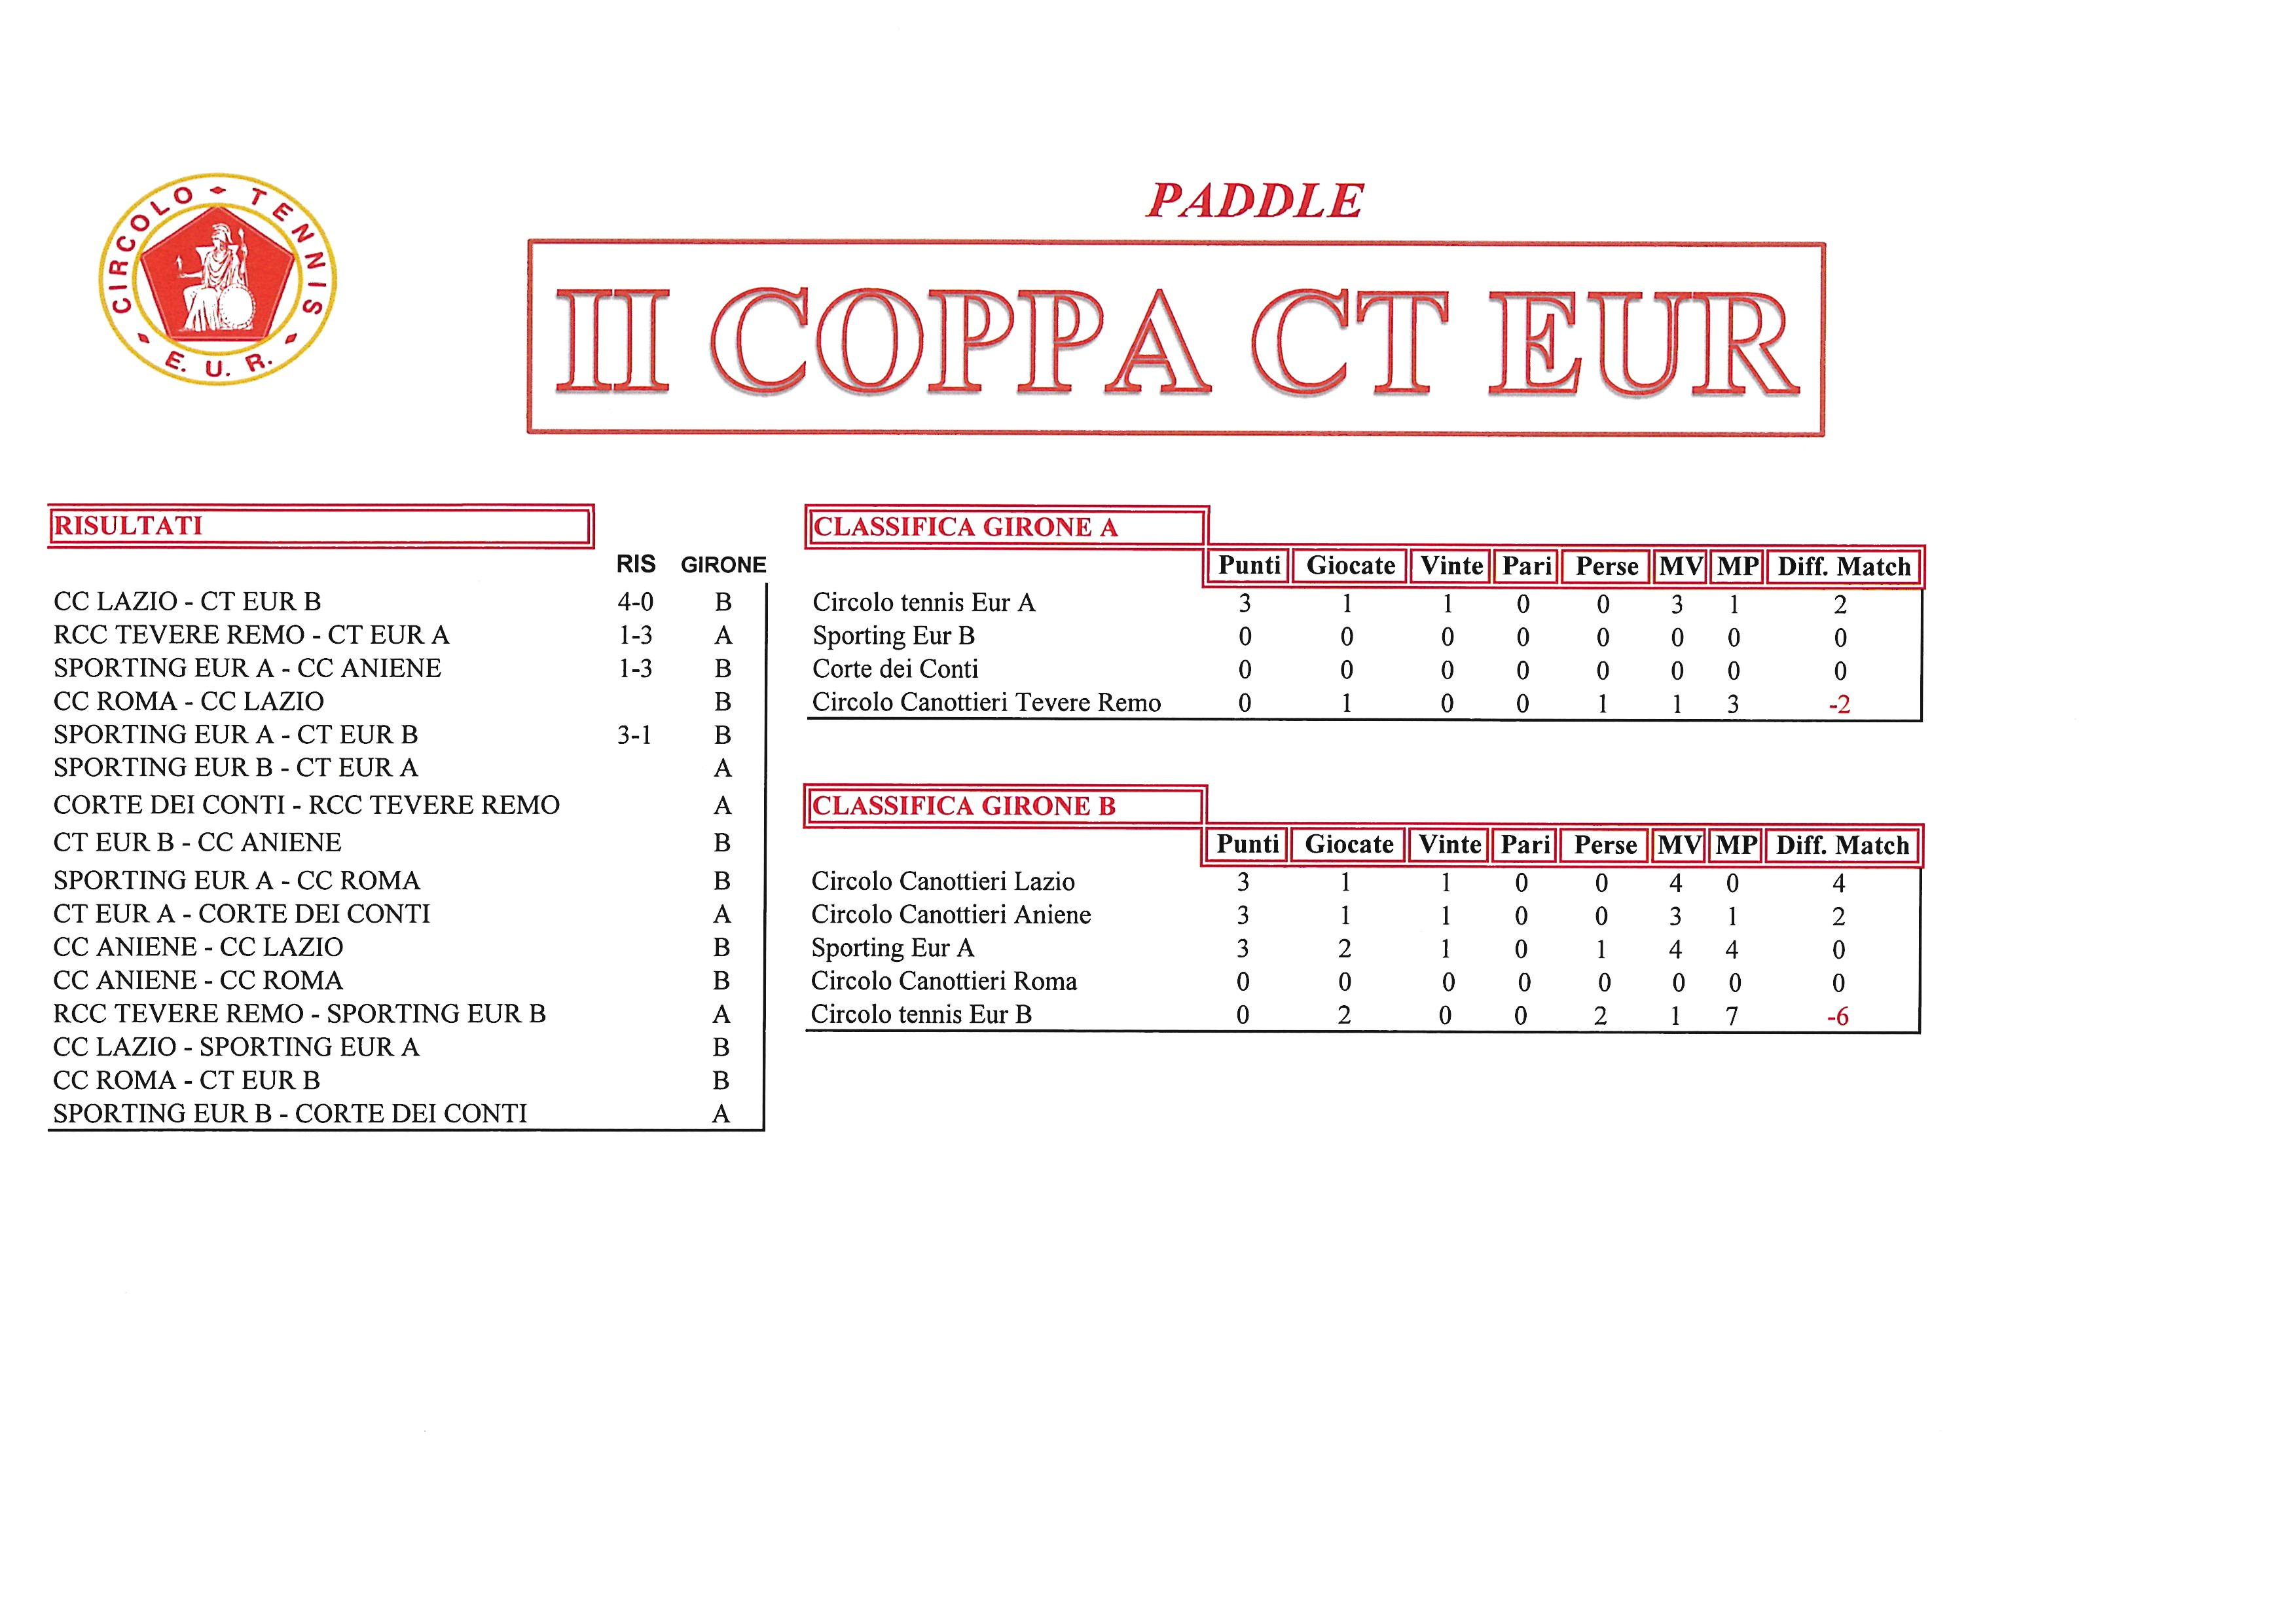 Coppa-CT-Eur-risultati-del-25-settembre2017-Paddle